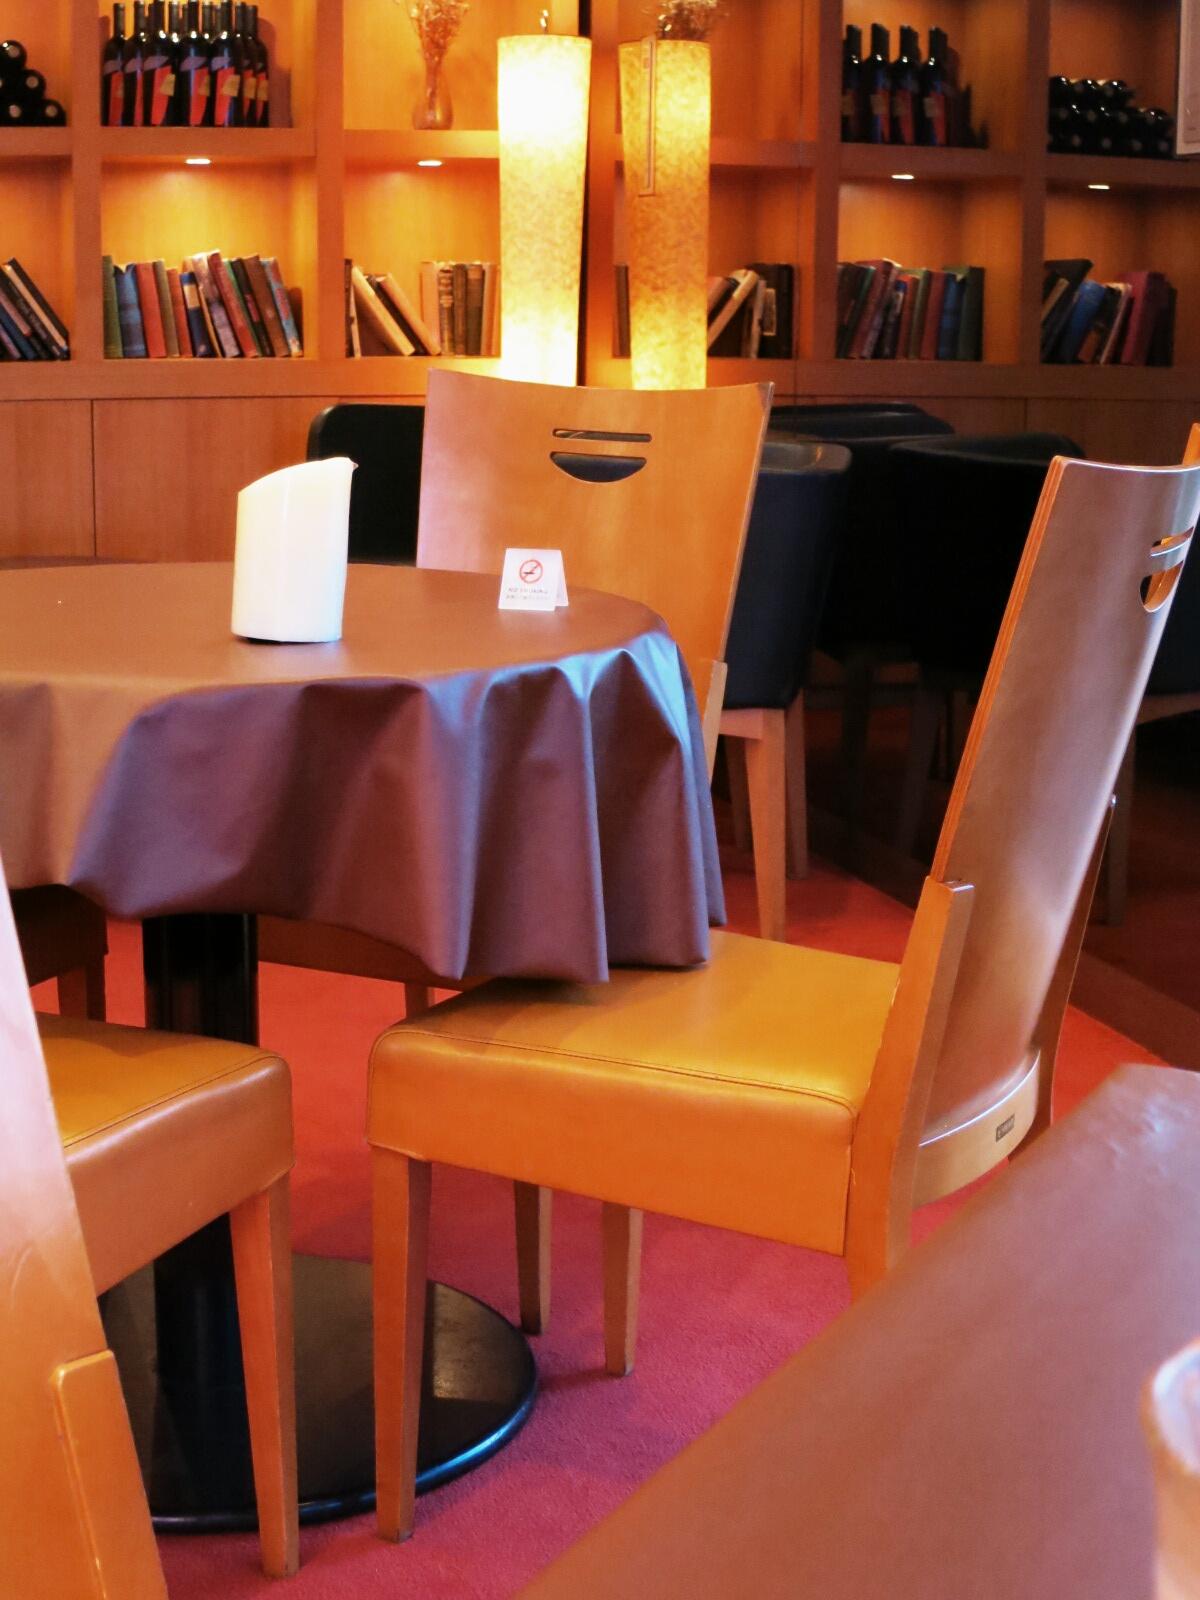 ふわふわ&パリパリの新食感 ❤ ピザーラのパンケーキブリュレ♪_f0236260_3372486.jpg